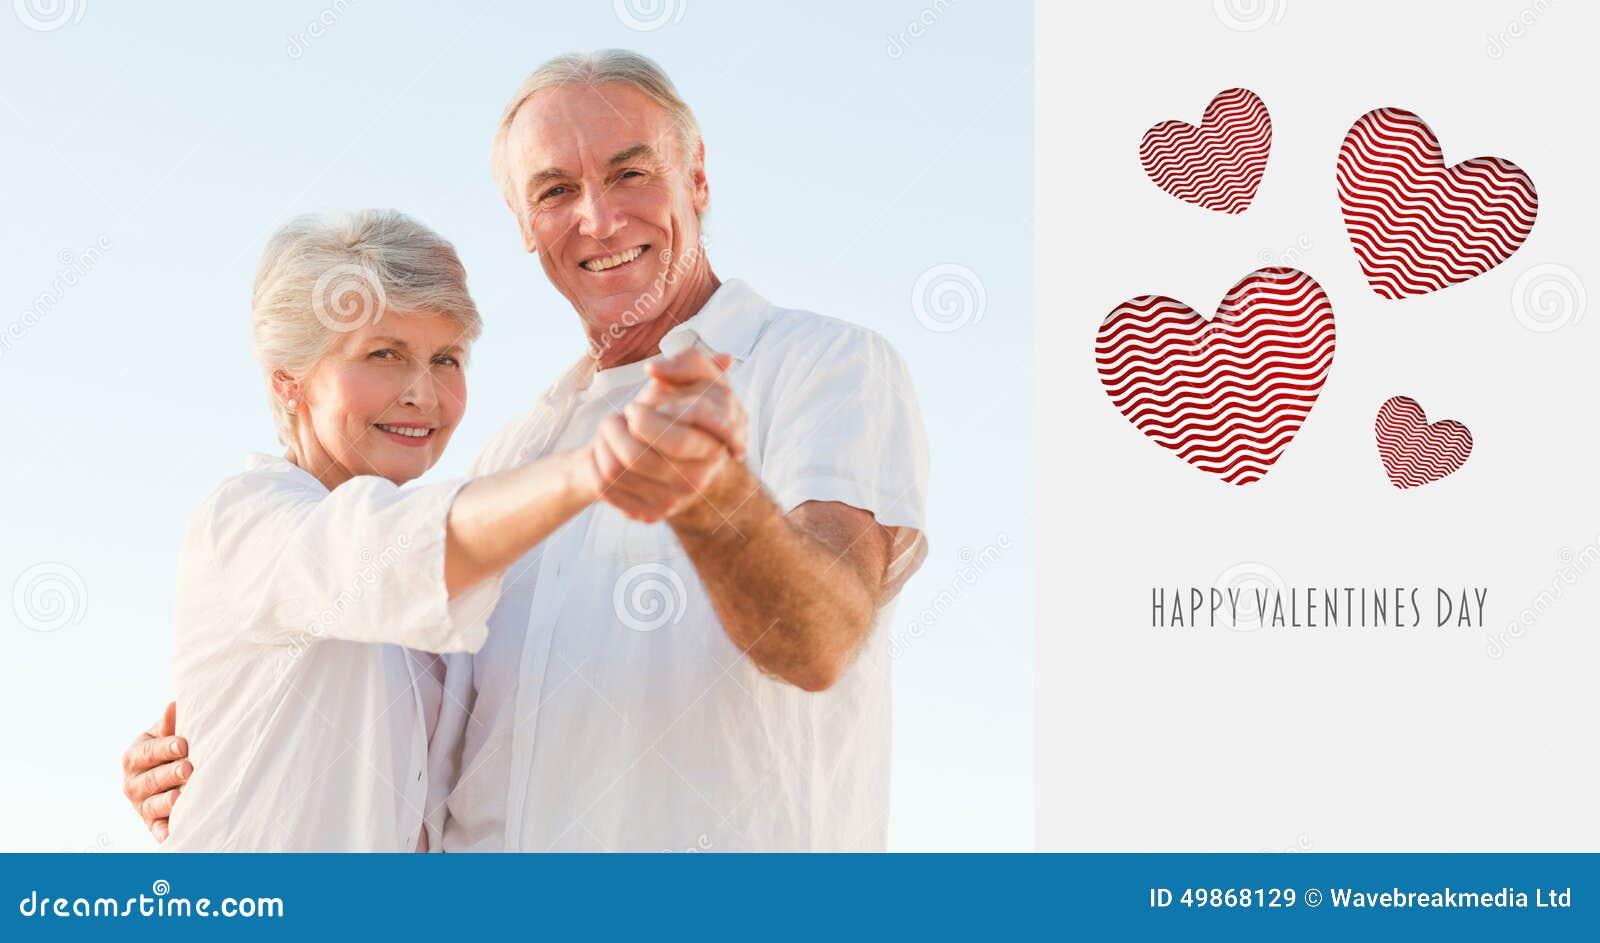 Złożony wizerunek śliczna valentines para